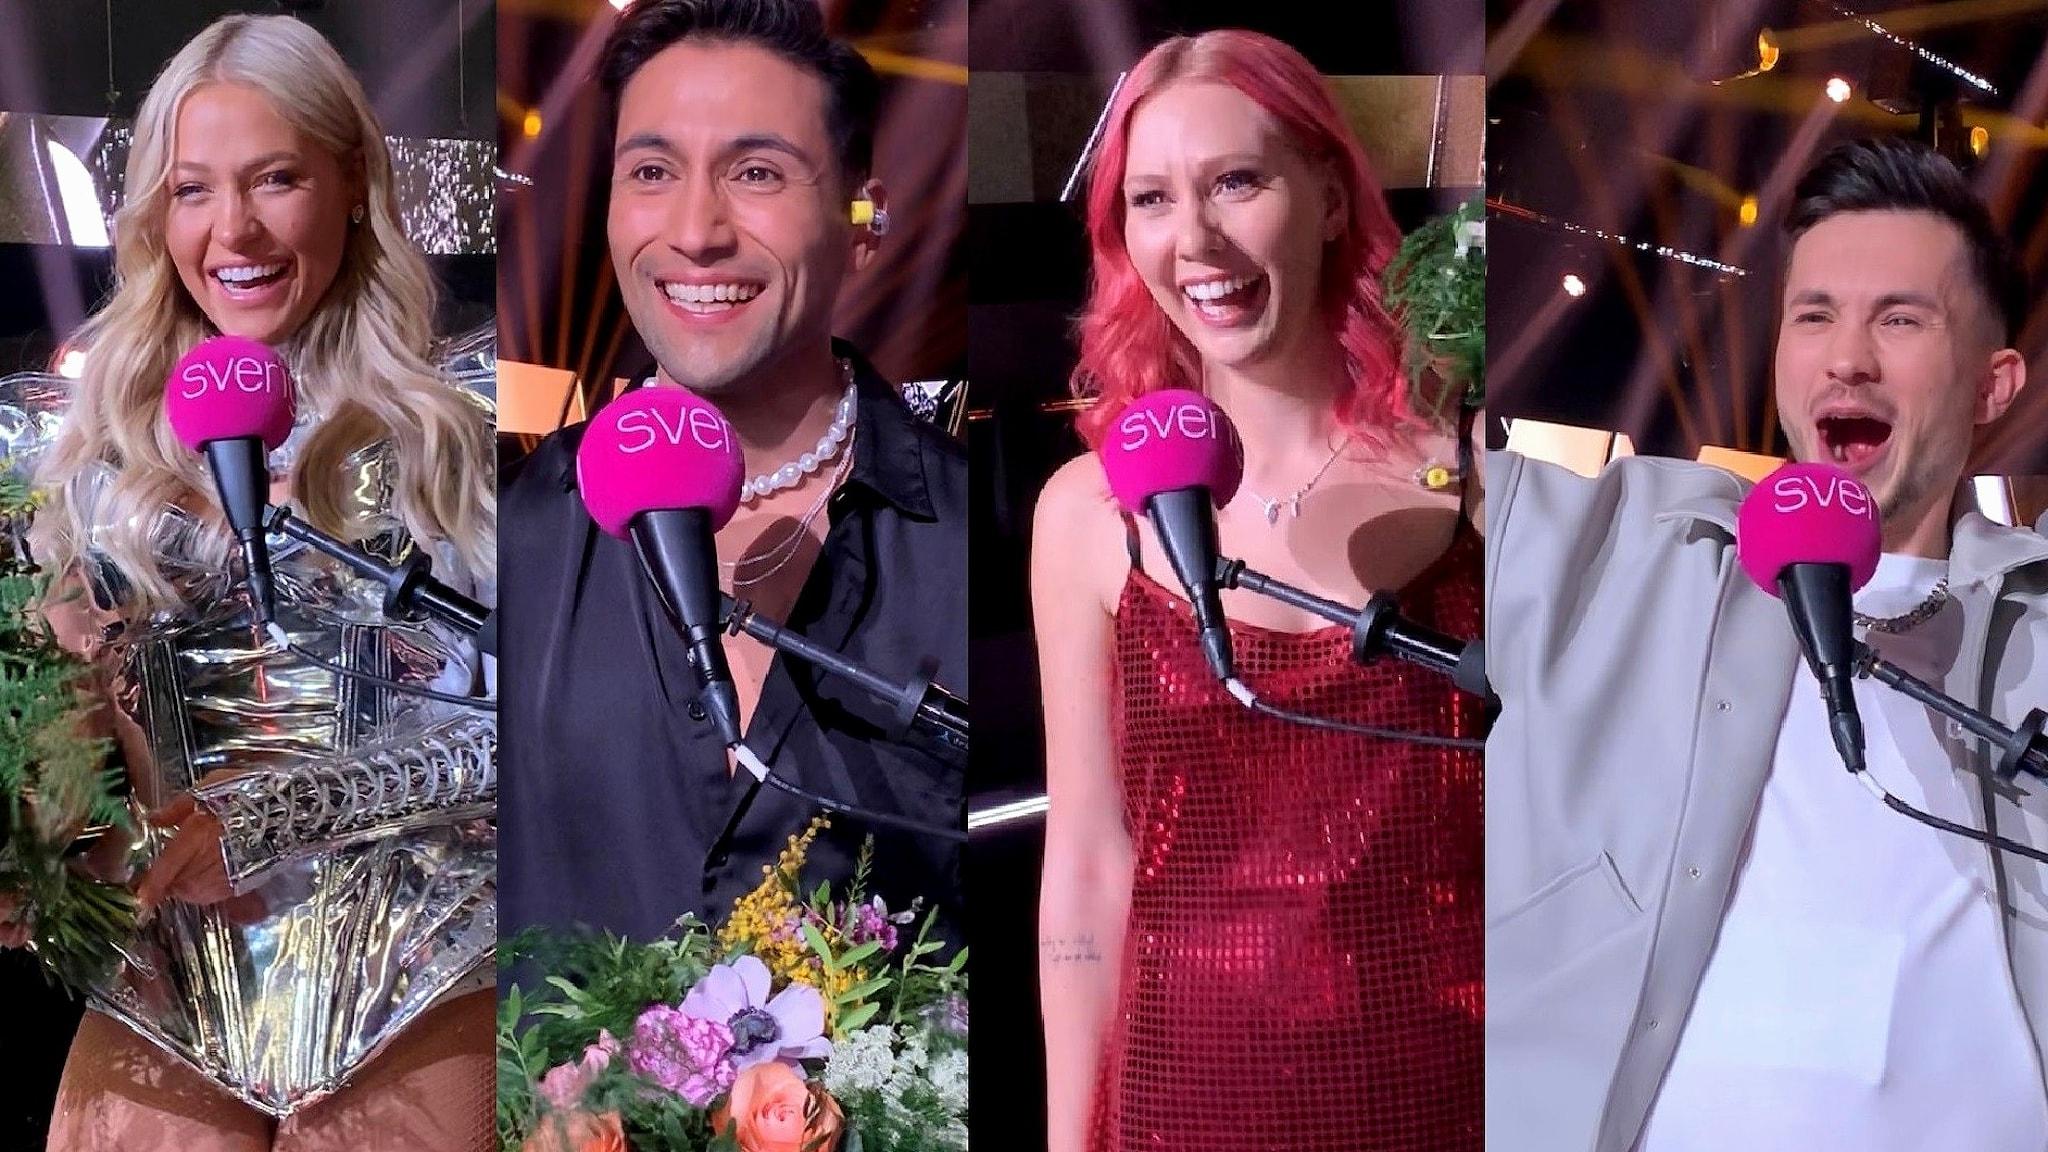 Ett fotomontage på de glada finalisterna som vann sina dueller Melodifestivalens Andra Chansen. Klara Hammarström, Alvaro Estrella, Clara Klingenström och Paul Rey